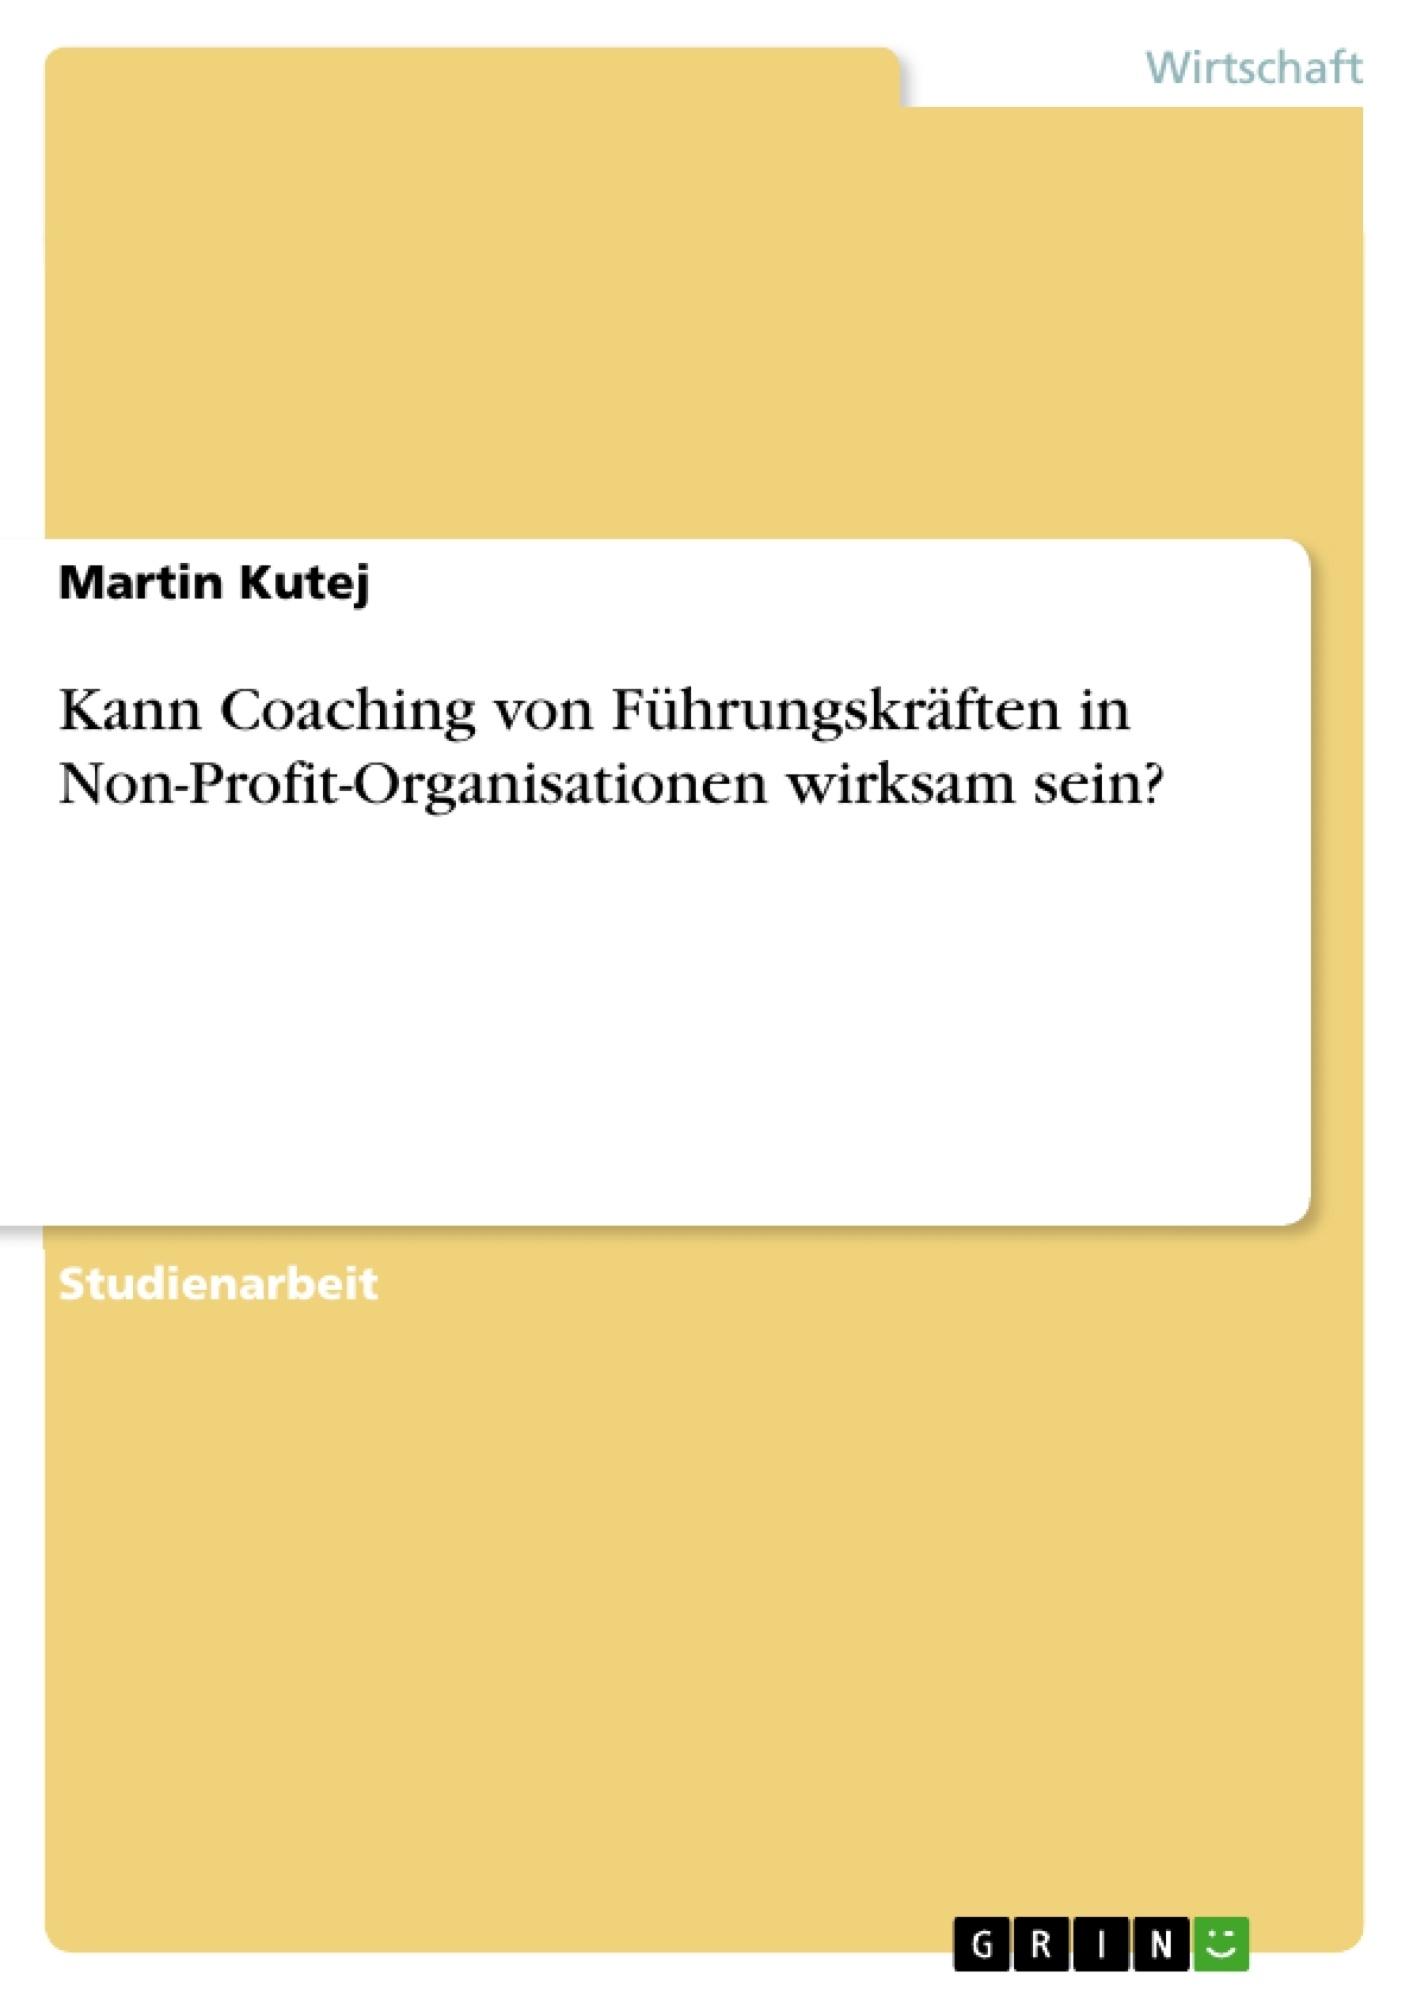 Titel: Kann Coaching von Führungskräften in Non-Profit-Organisationen wirksam sein?